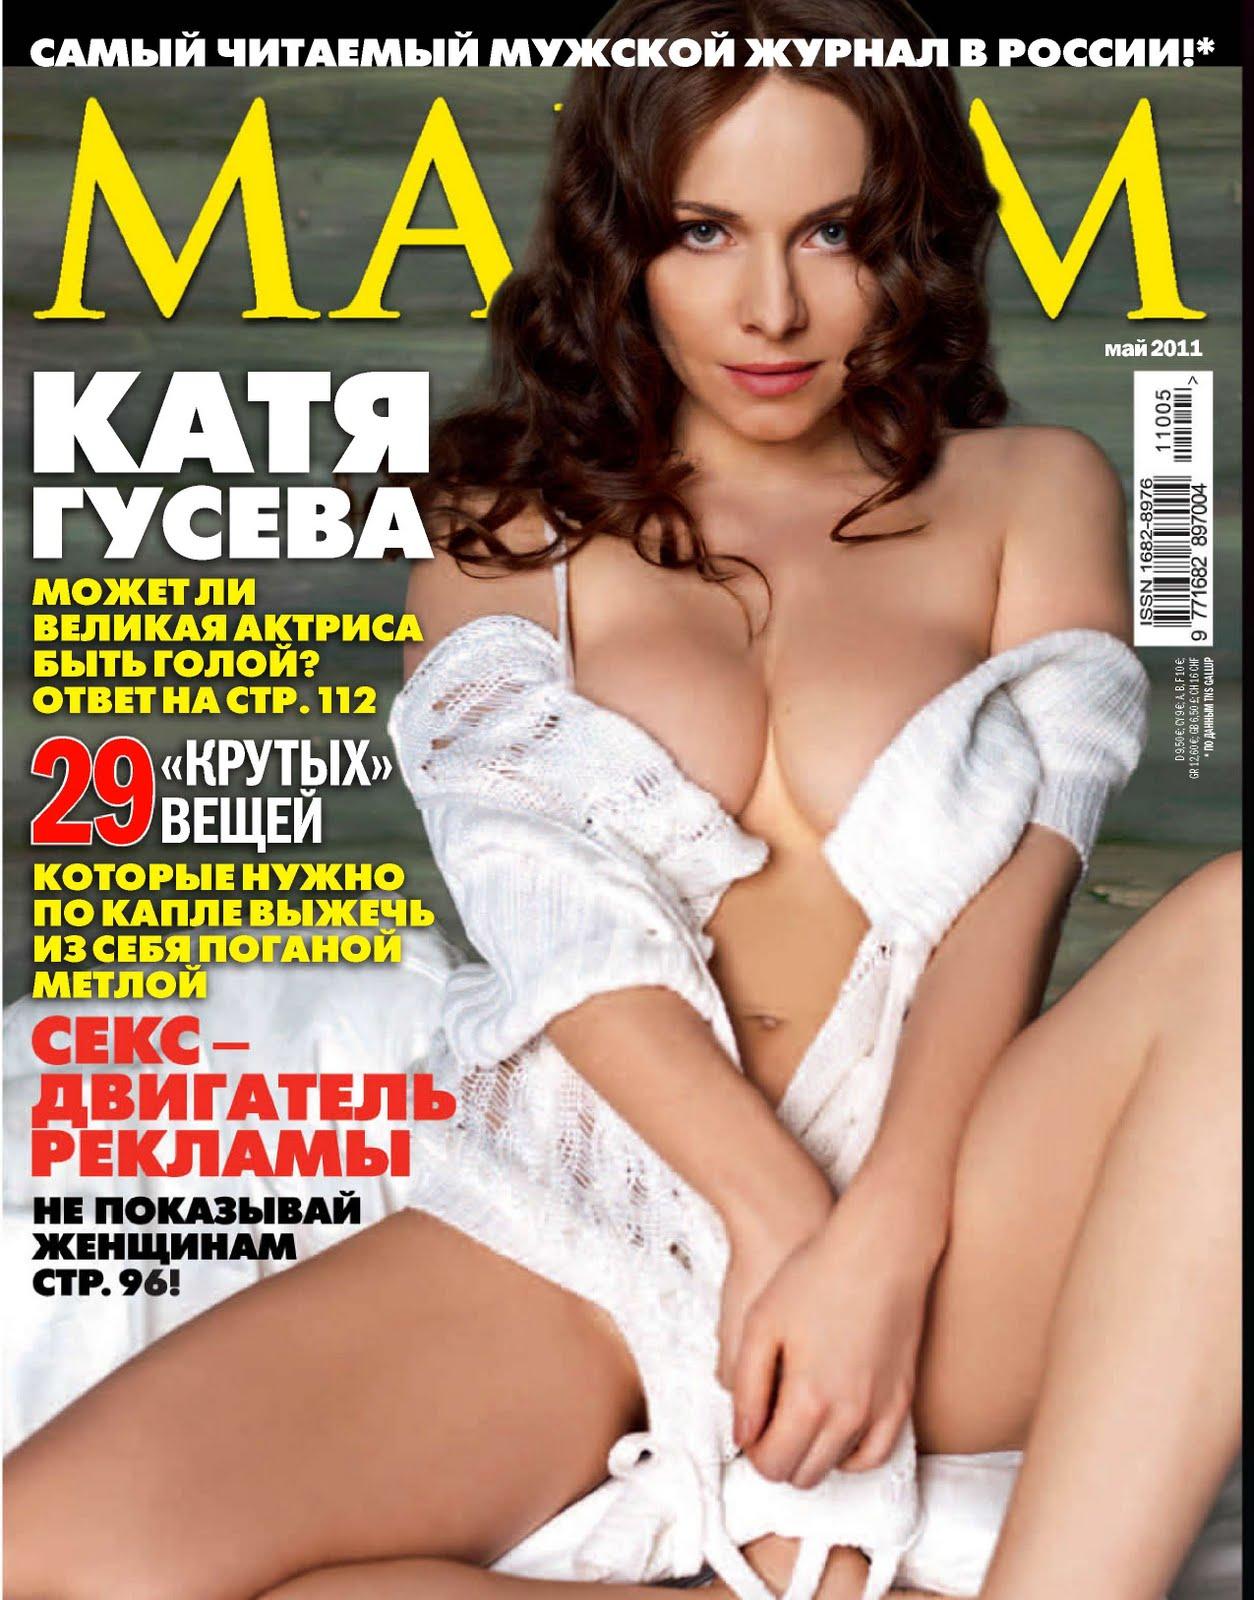 Список порно актрис в россии 14 фотография